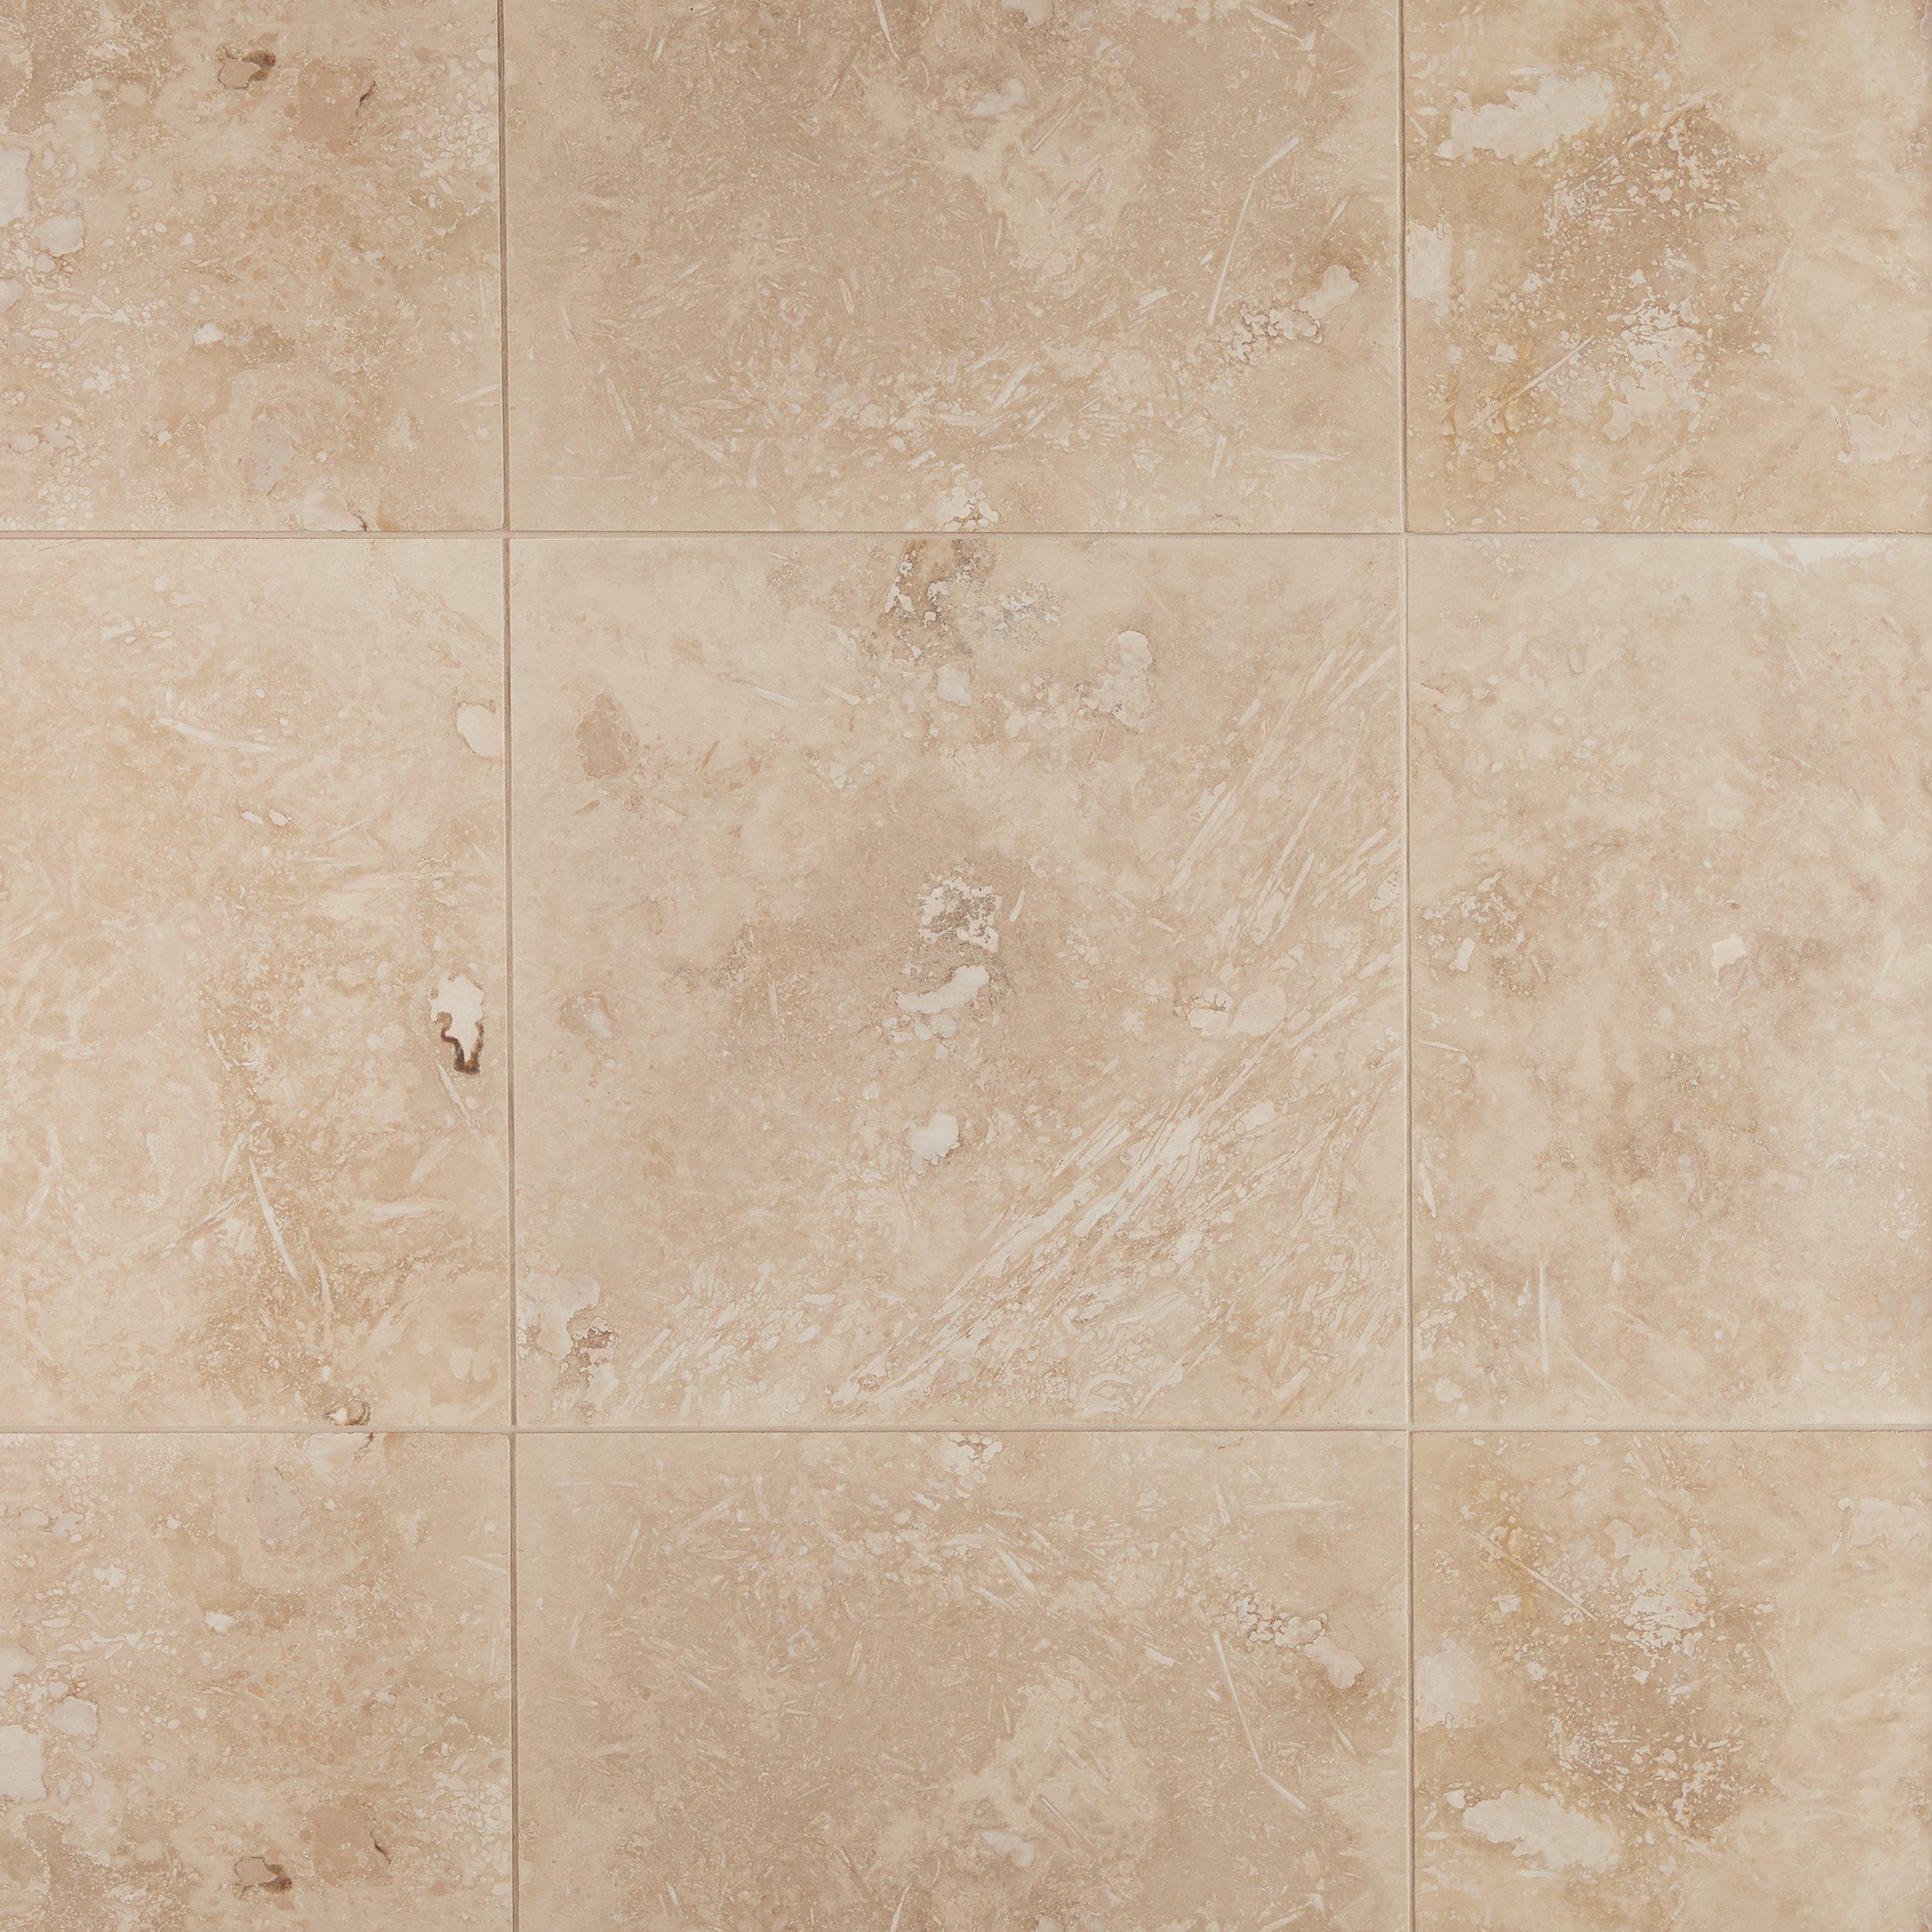 Antique catania honed travertine tile 16 x 16 922101091 floor antique catania honed travertine tile 16 x 16 922101091 floor and decor dailygadgetfo Images